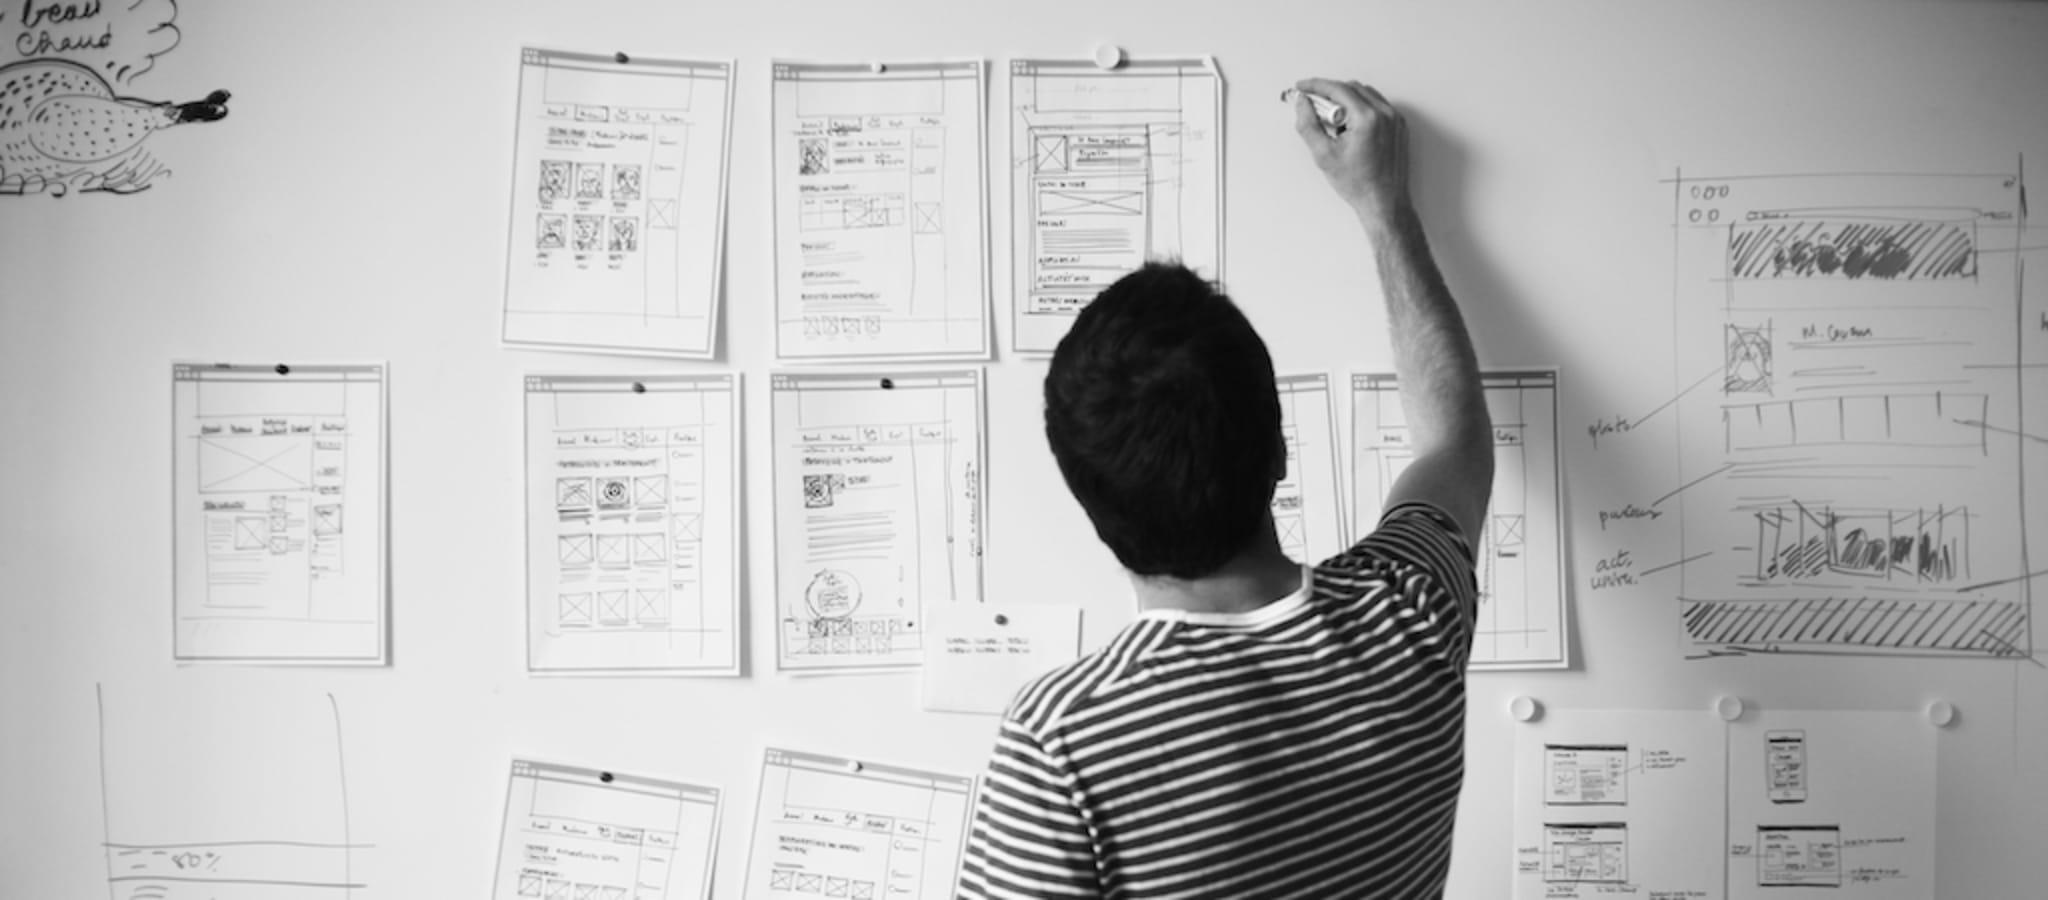 En amont du projet, l'équipe identifie les besoins réels des utilisateurs grâce à une enquête terrain